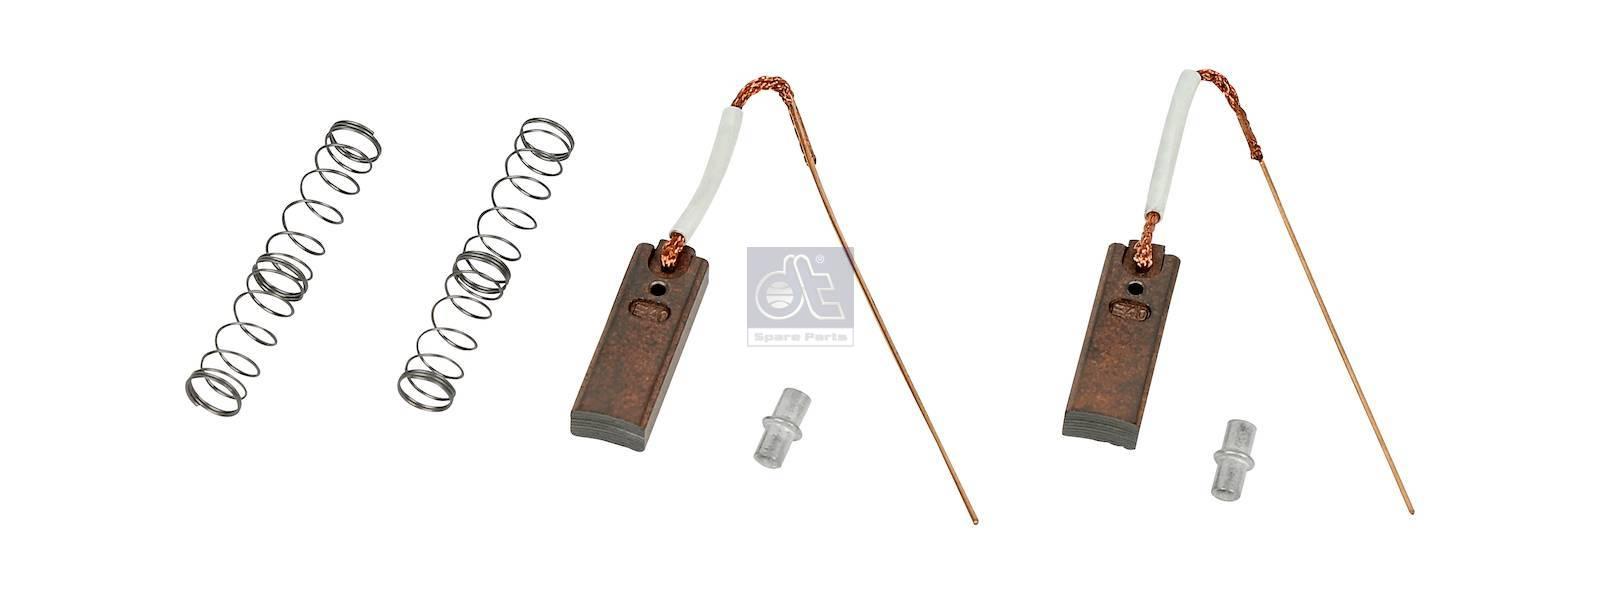 DT 3 34101 Carbon brush set, alternator suitable for Alfa Romeo, DAF